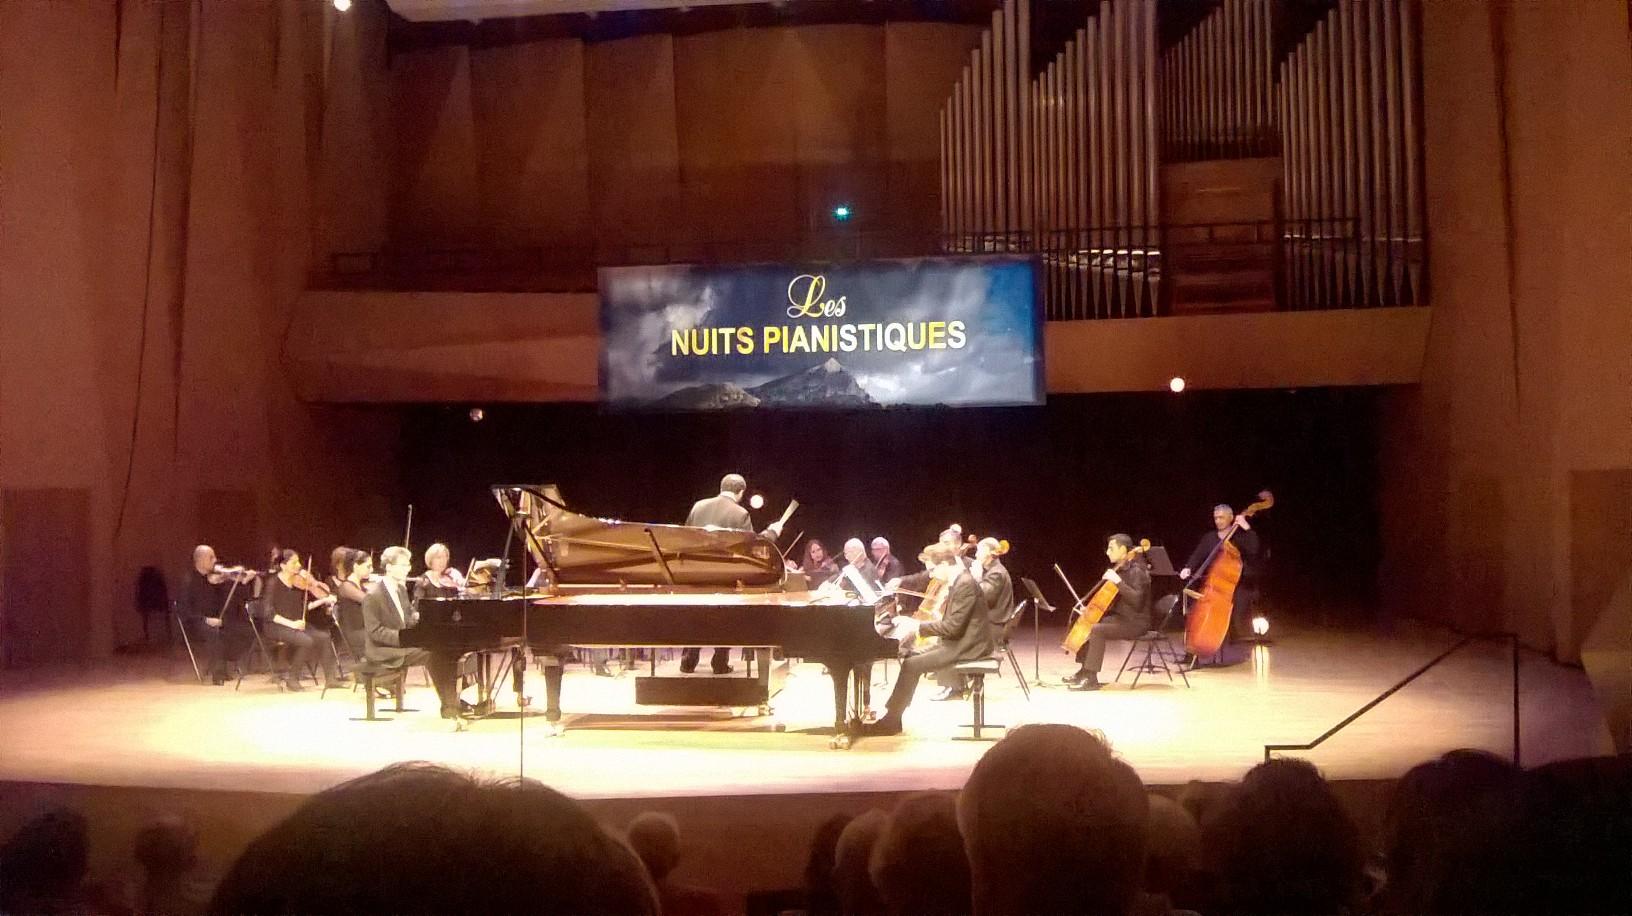 Les nuits pianistiques – Aix en Provence 2016